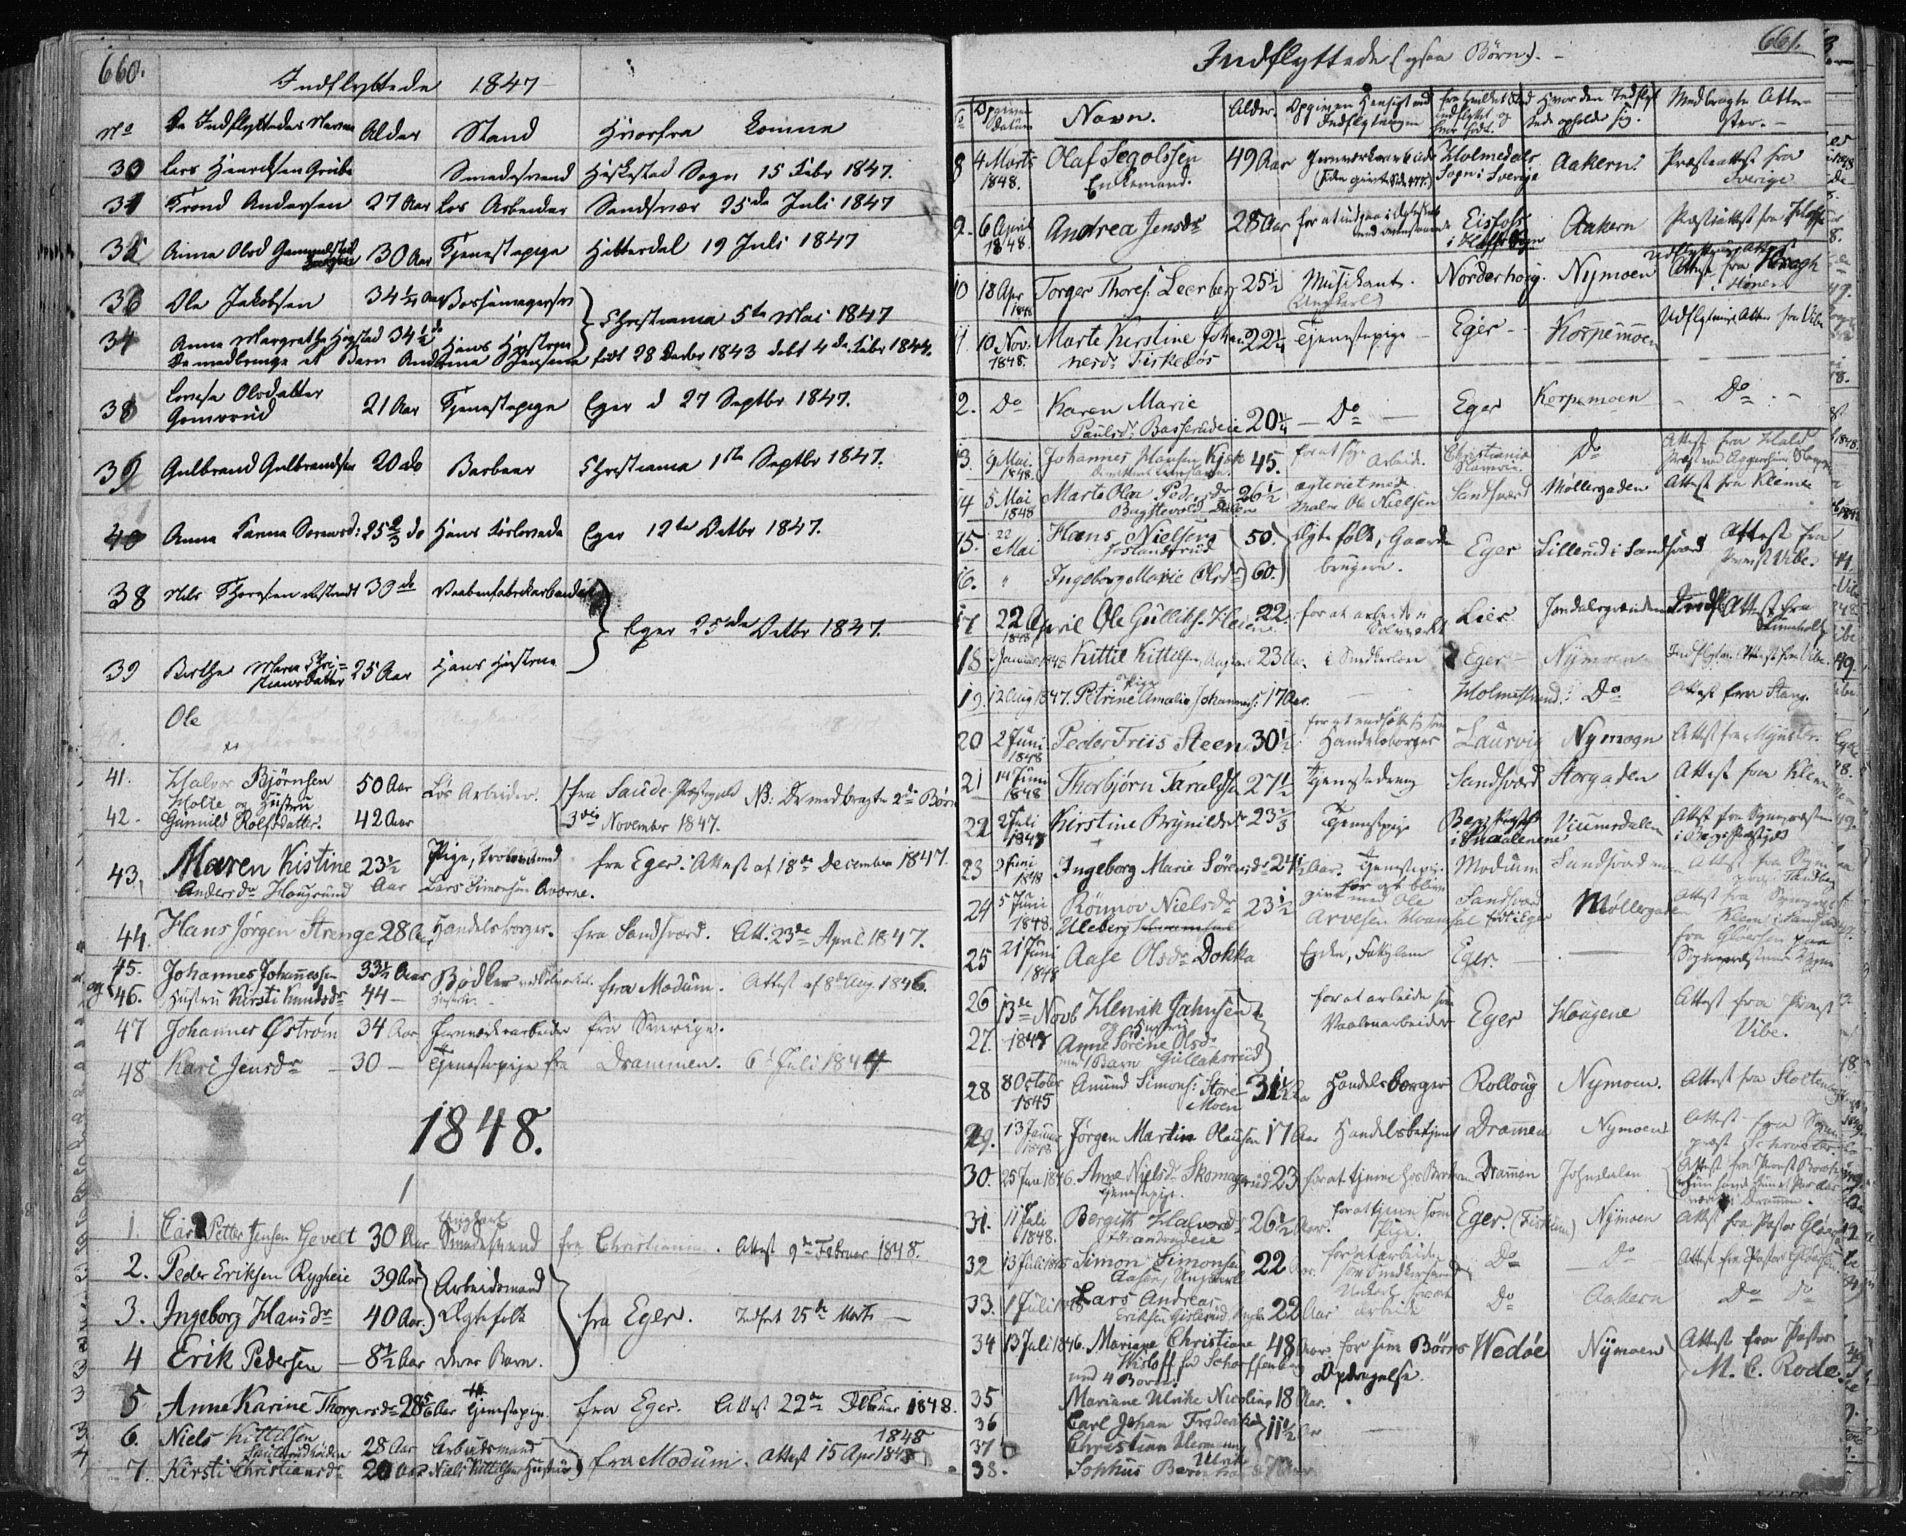 SAKO, Kongsberg kirkebøker, F/Fa/L0009: Ministerialbok nr. I 9, 1839-1858, s. 660-661